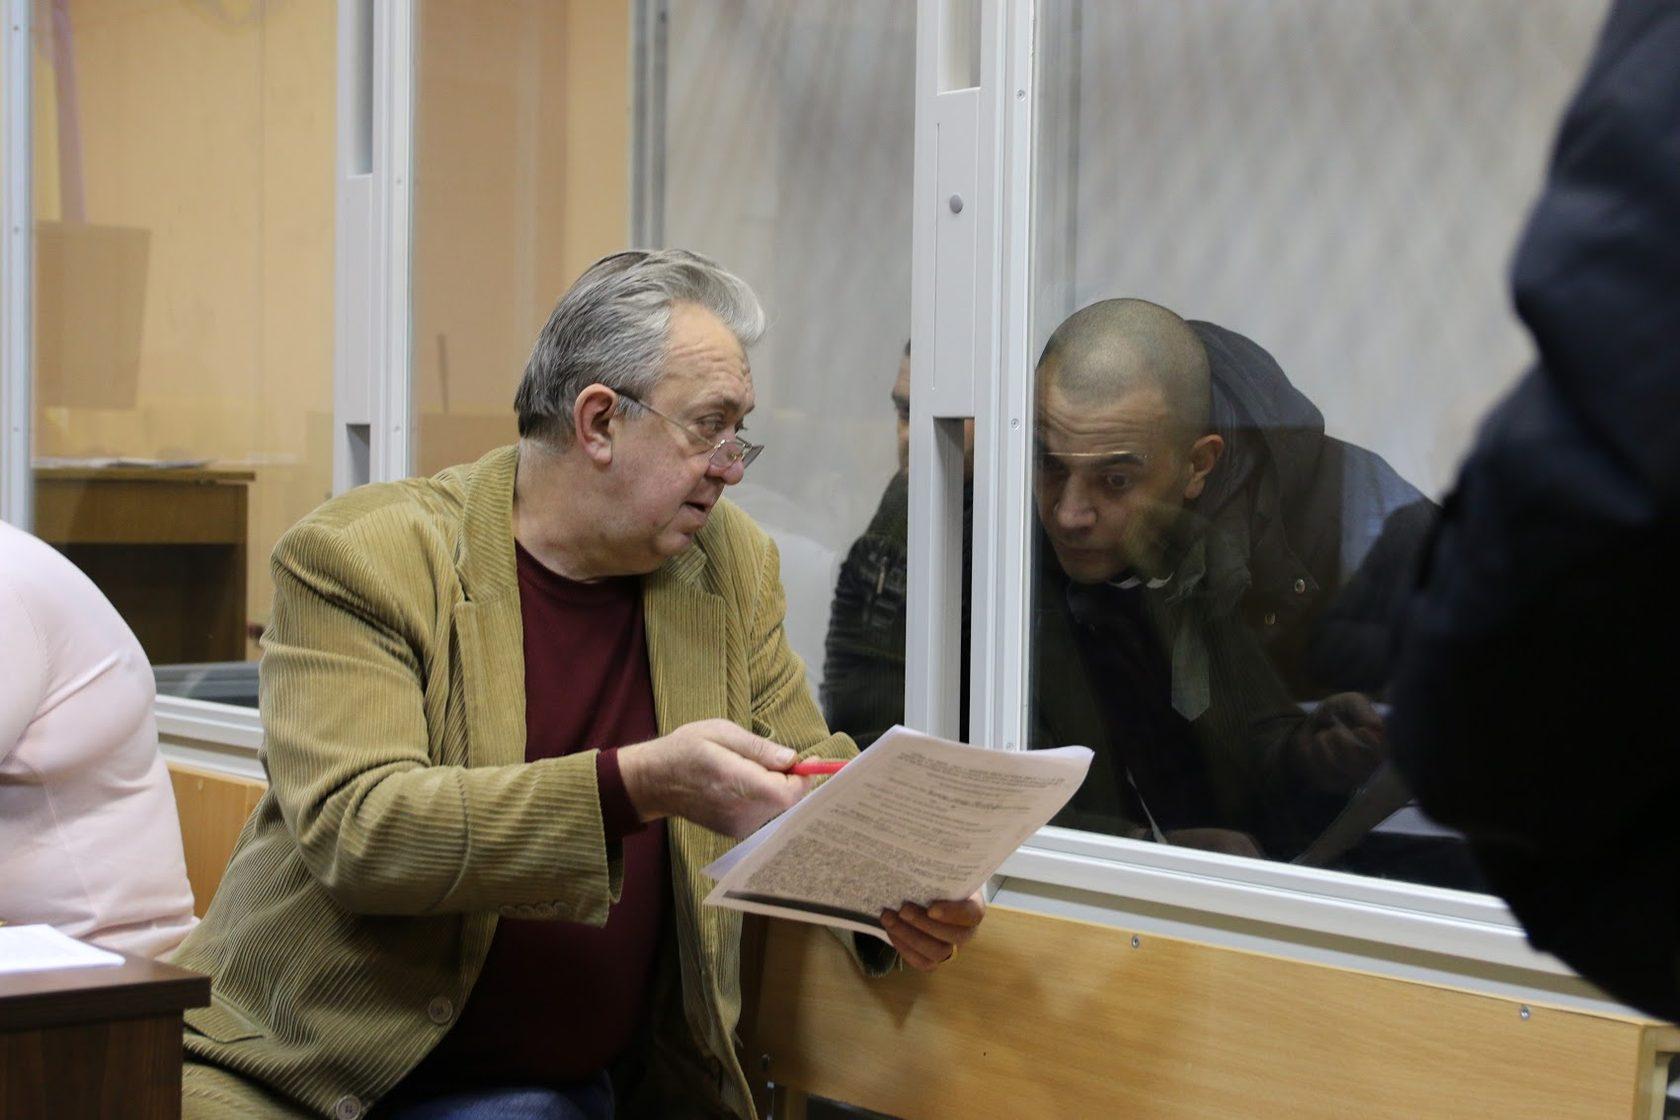 tild6335 3266 4764 b366 383436323930  img 4218 - «Позбавити людей почуття безпеки»: хто, як і навіщо нападав на синагоги, пам'ятники і посольства в Україні - Заборона